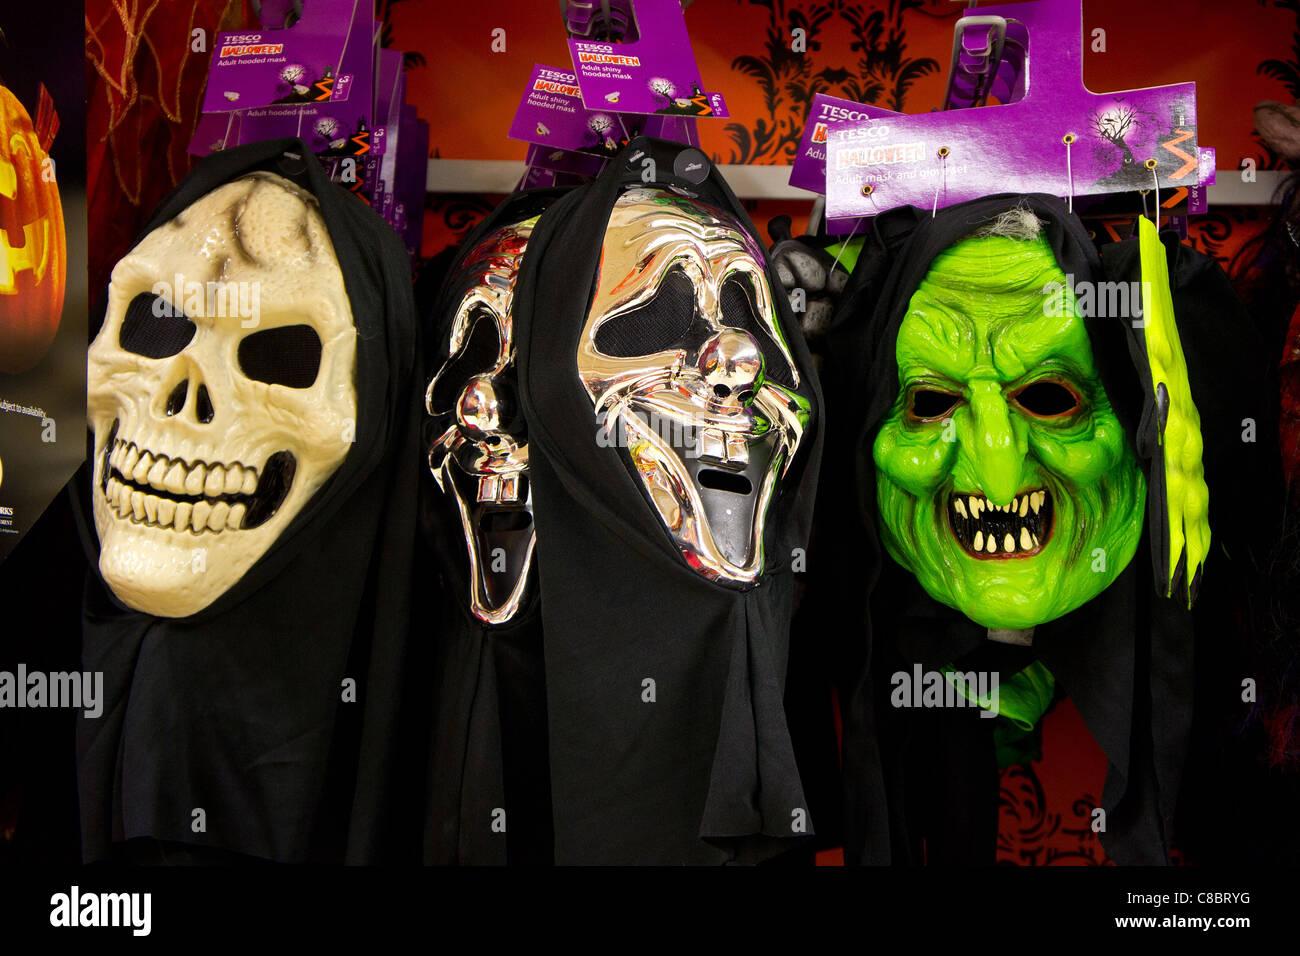 Halloween masks on sale in tesco supermarket, uk Stock Photo ...